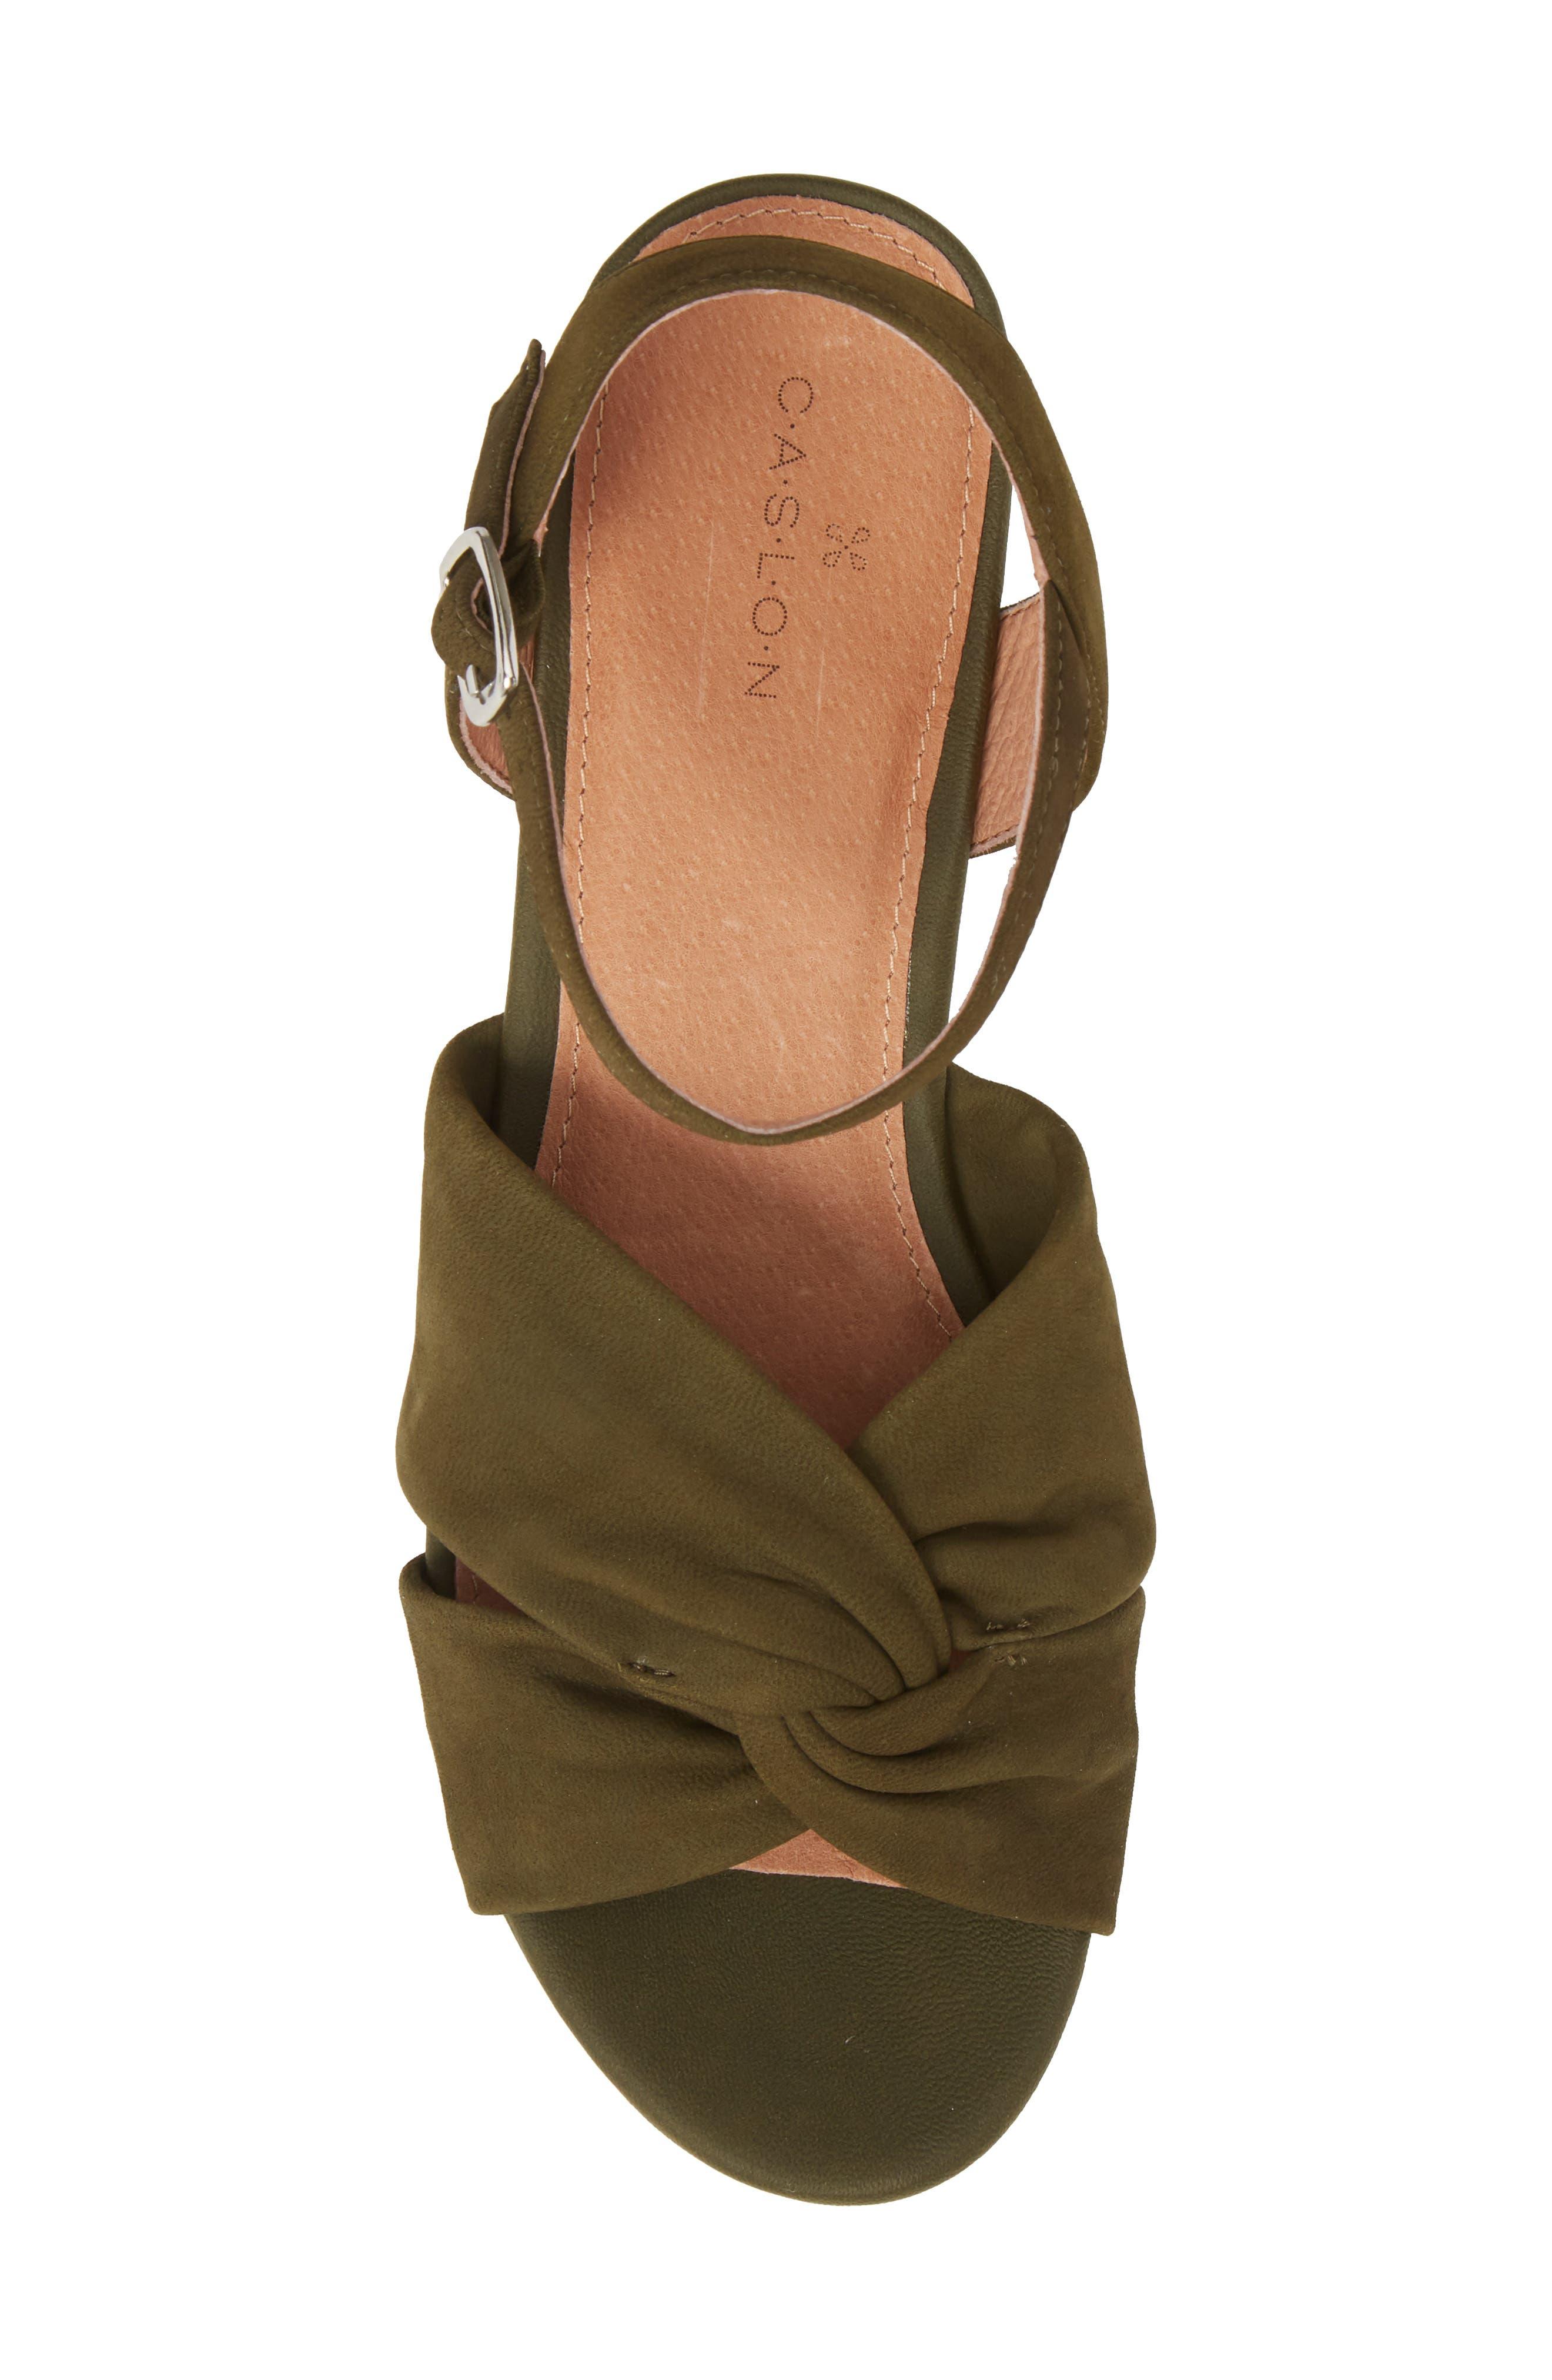 Ryder Platform Sandal,                             Alternate thumbnail 5, color,                             Olive Nubuck